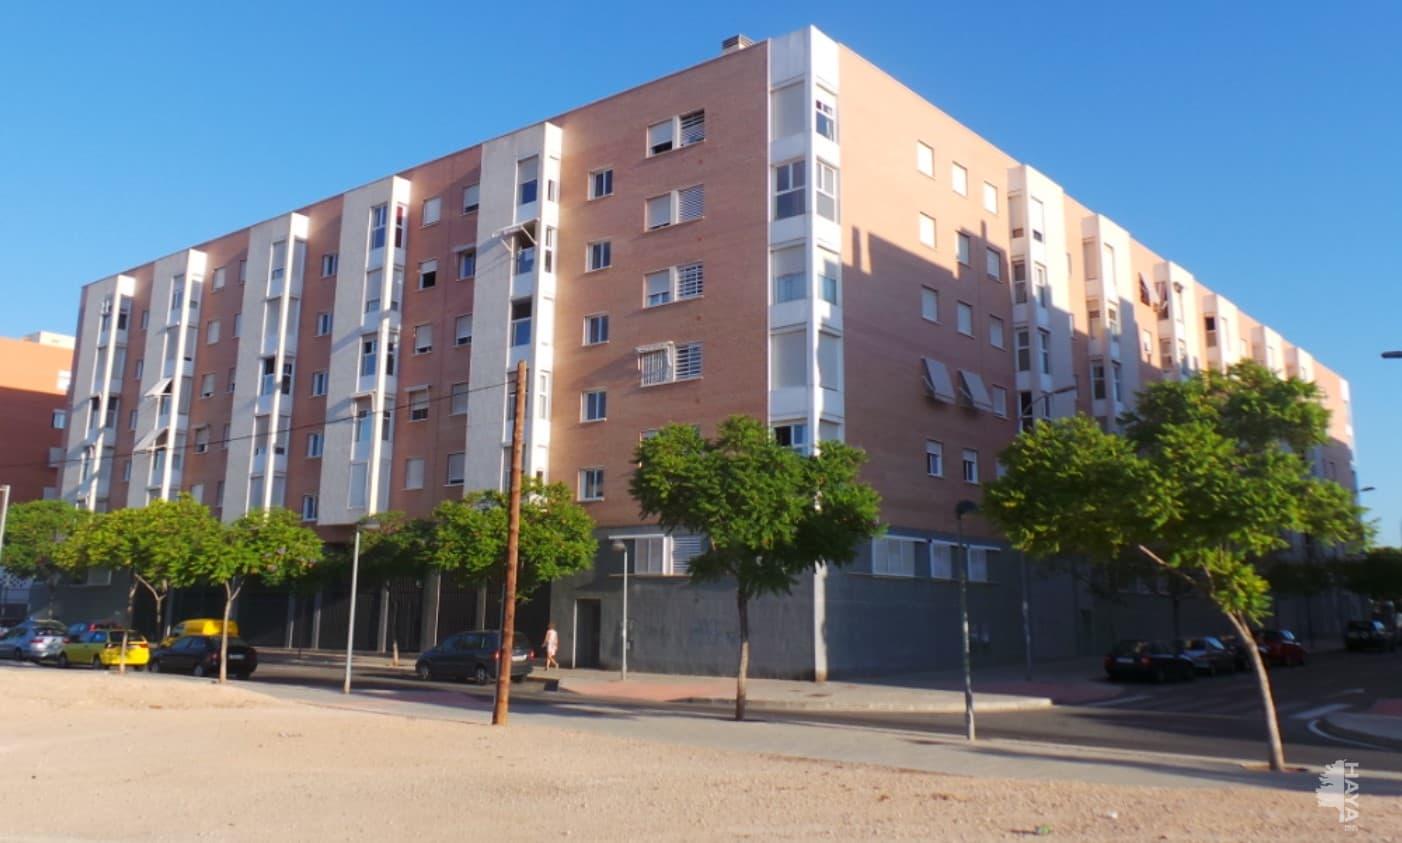 Piso en venta en Parque de la Avenidas, Alicante/alacant, Alicante, Calle los Montesinos, 153.000 €, 2 baños, 168 m2